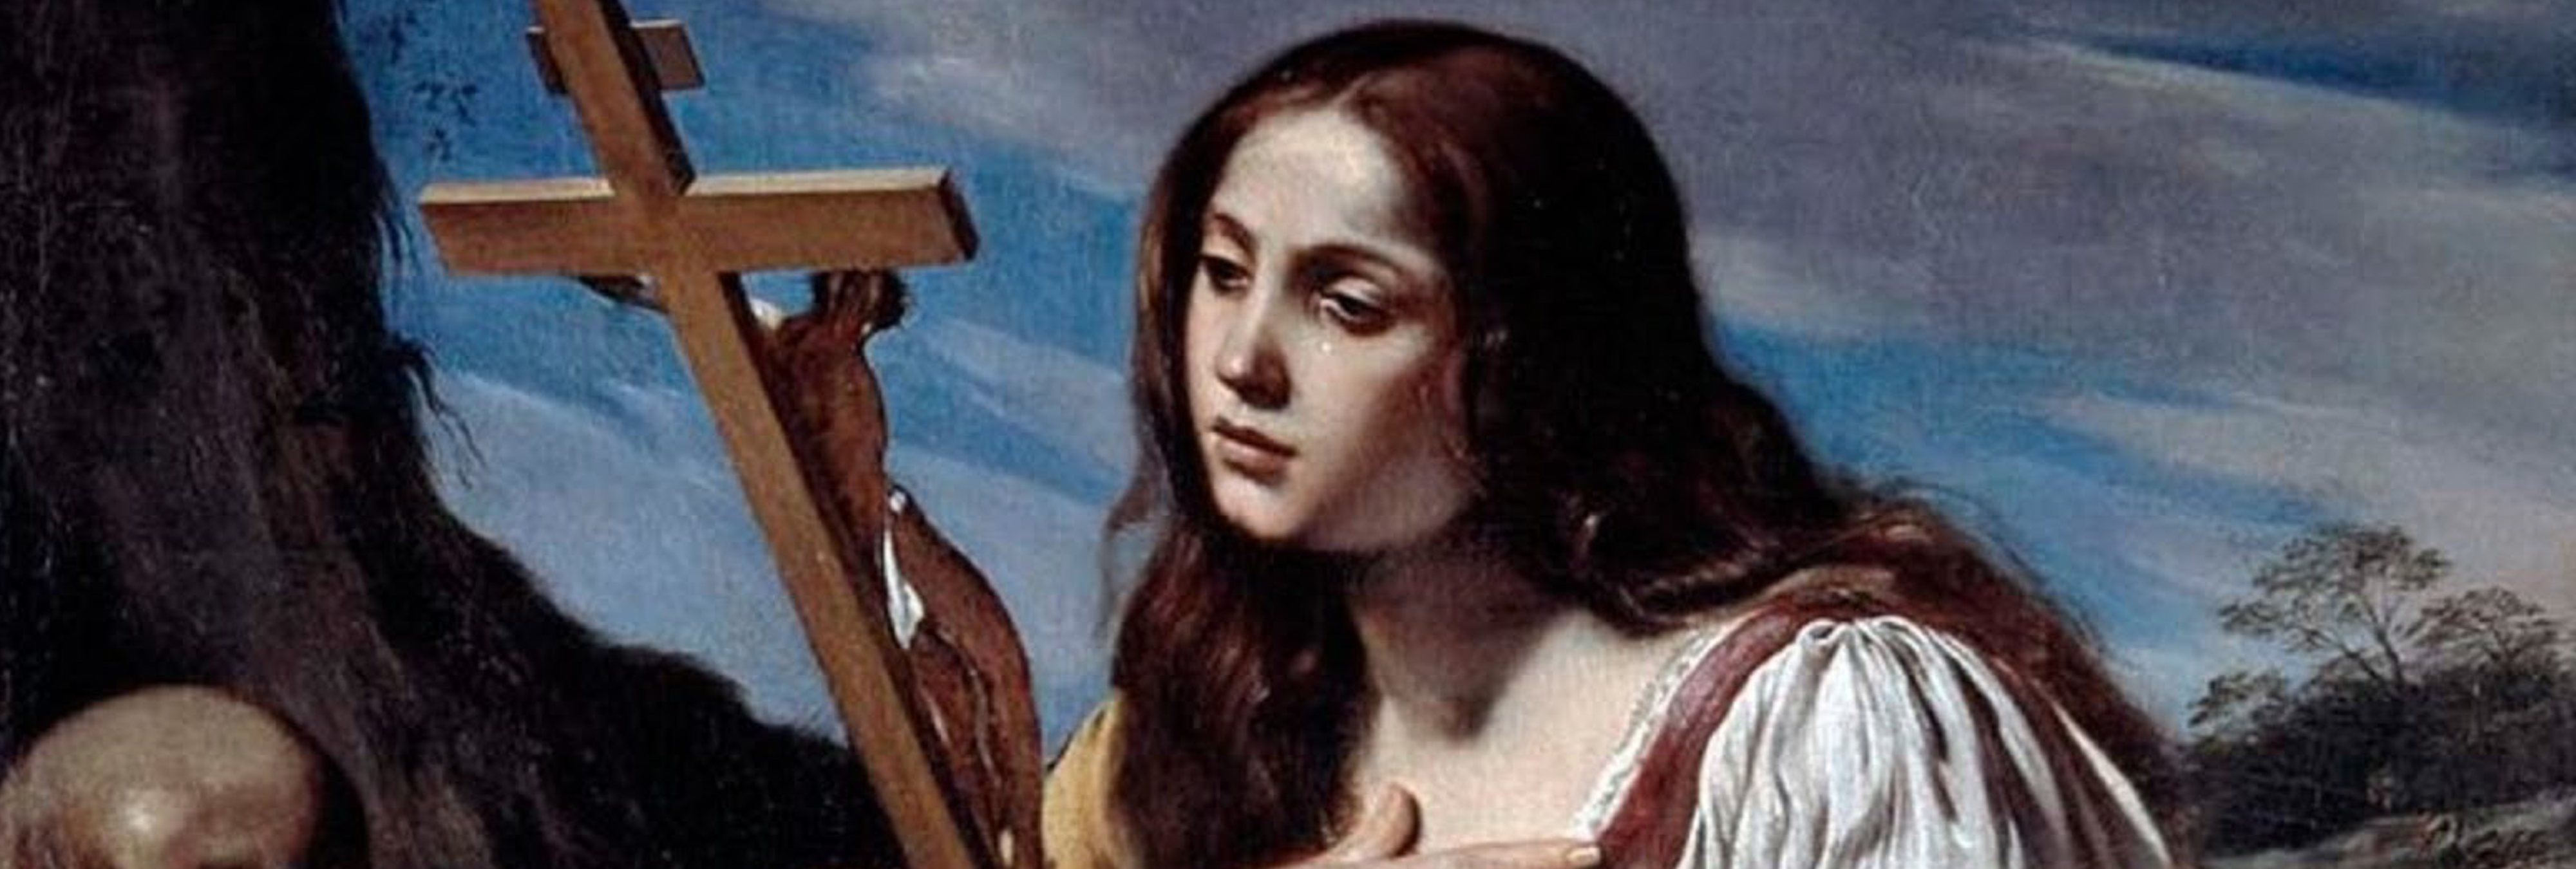 """María Magdalena era """"una mujer adinerada"""" y no una prostituta y adúltera"""